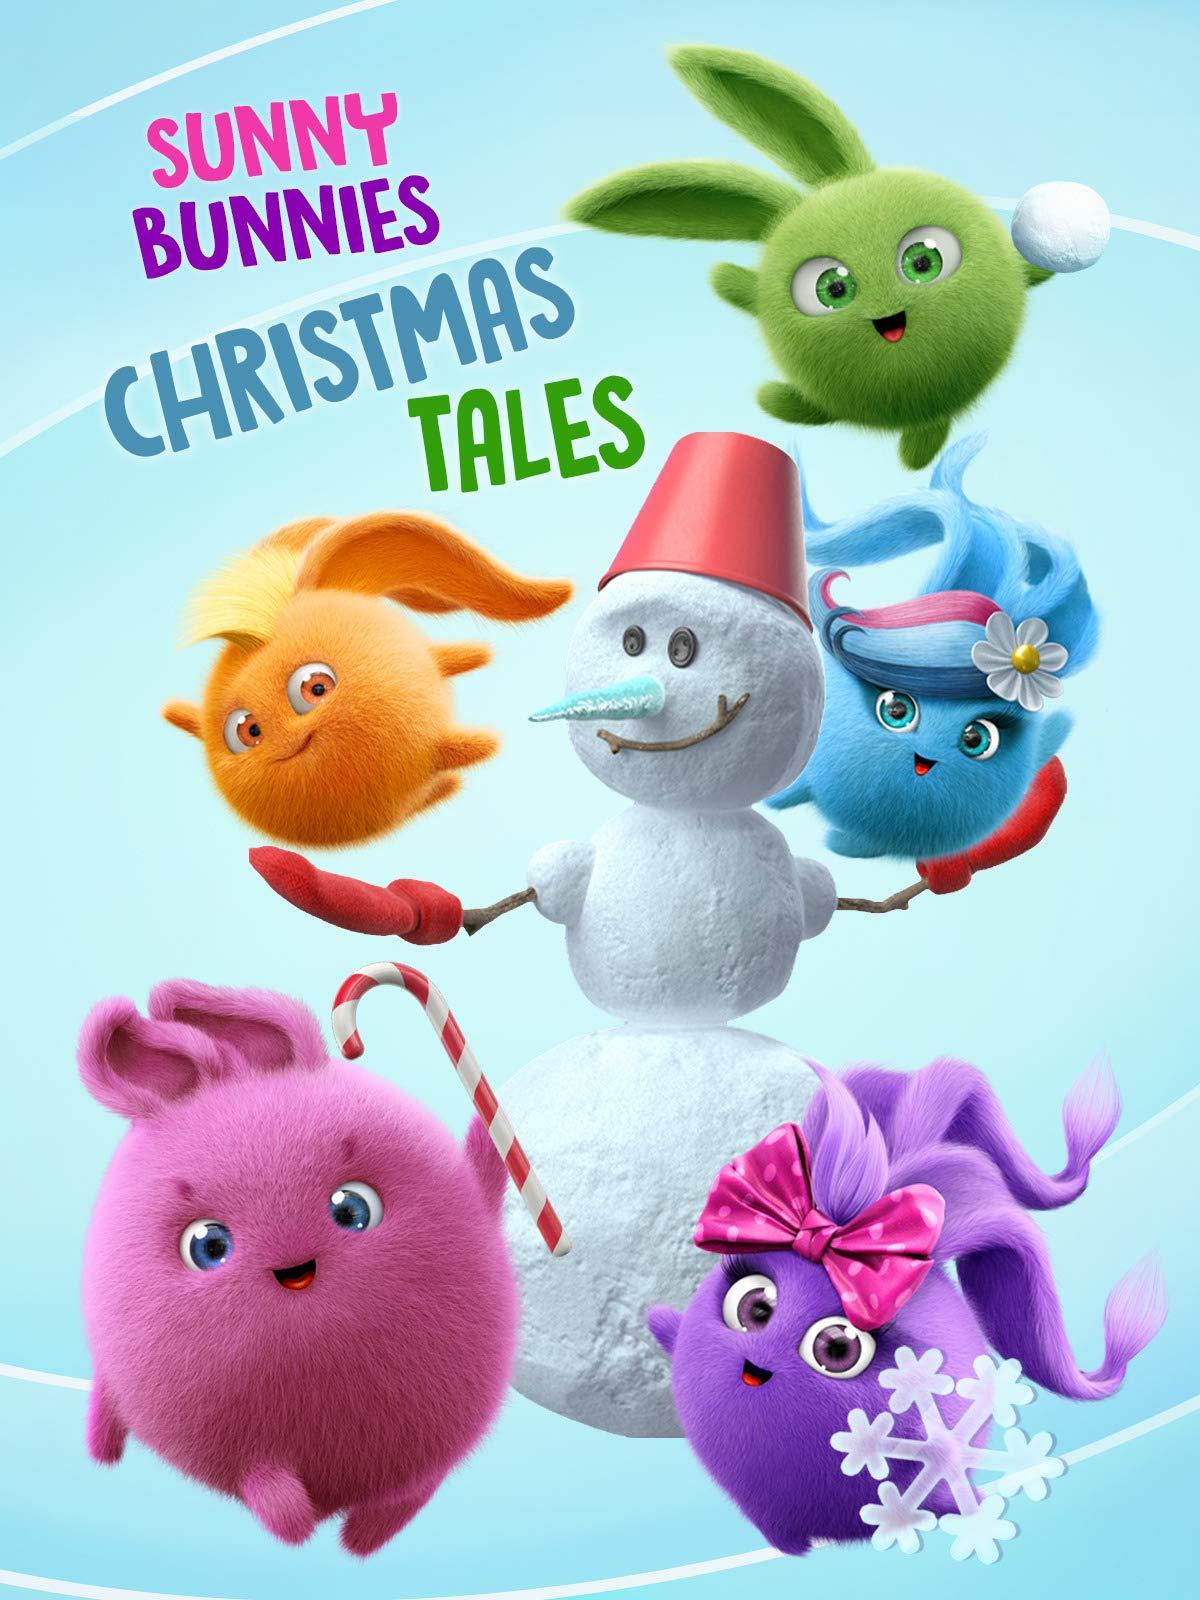 Sunny Bunnies - Christmas Tales